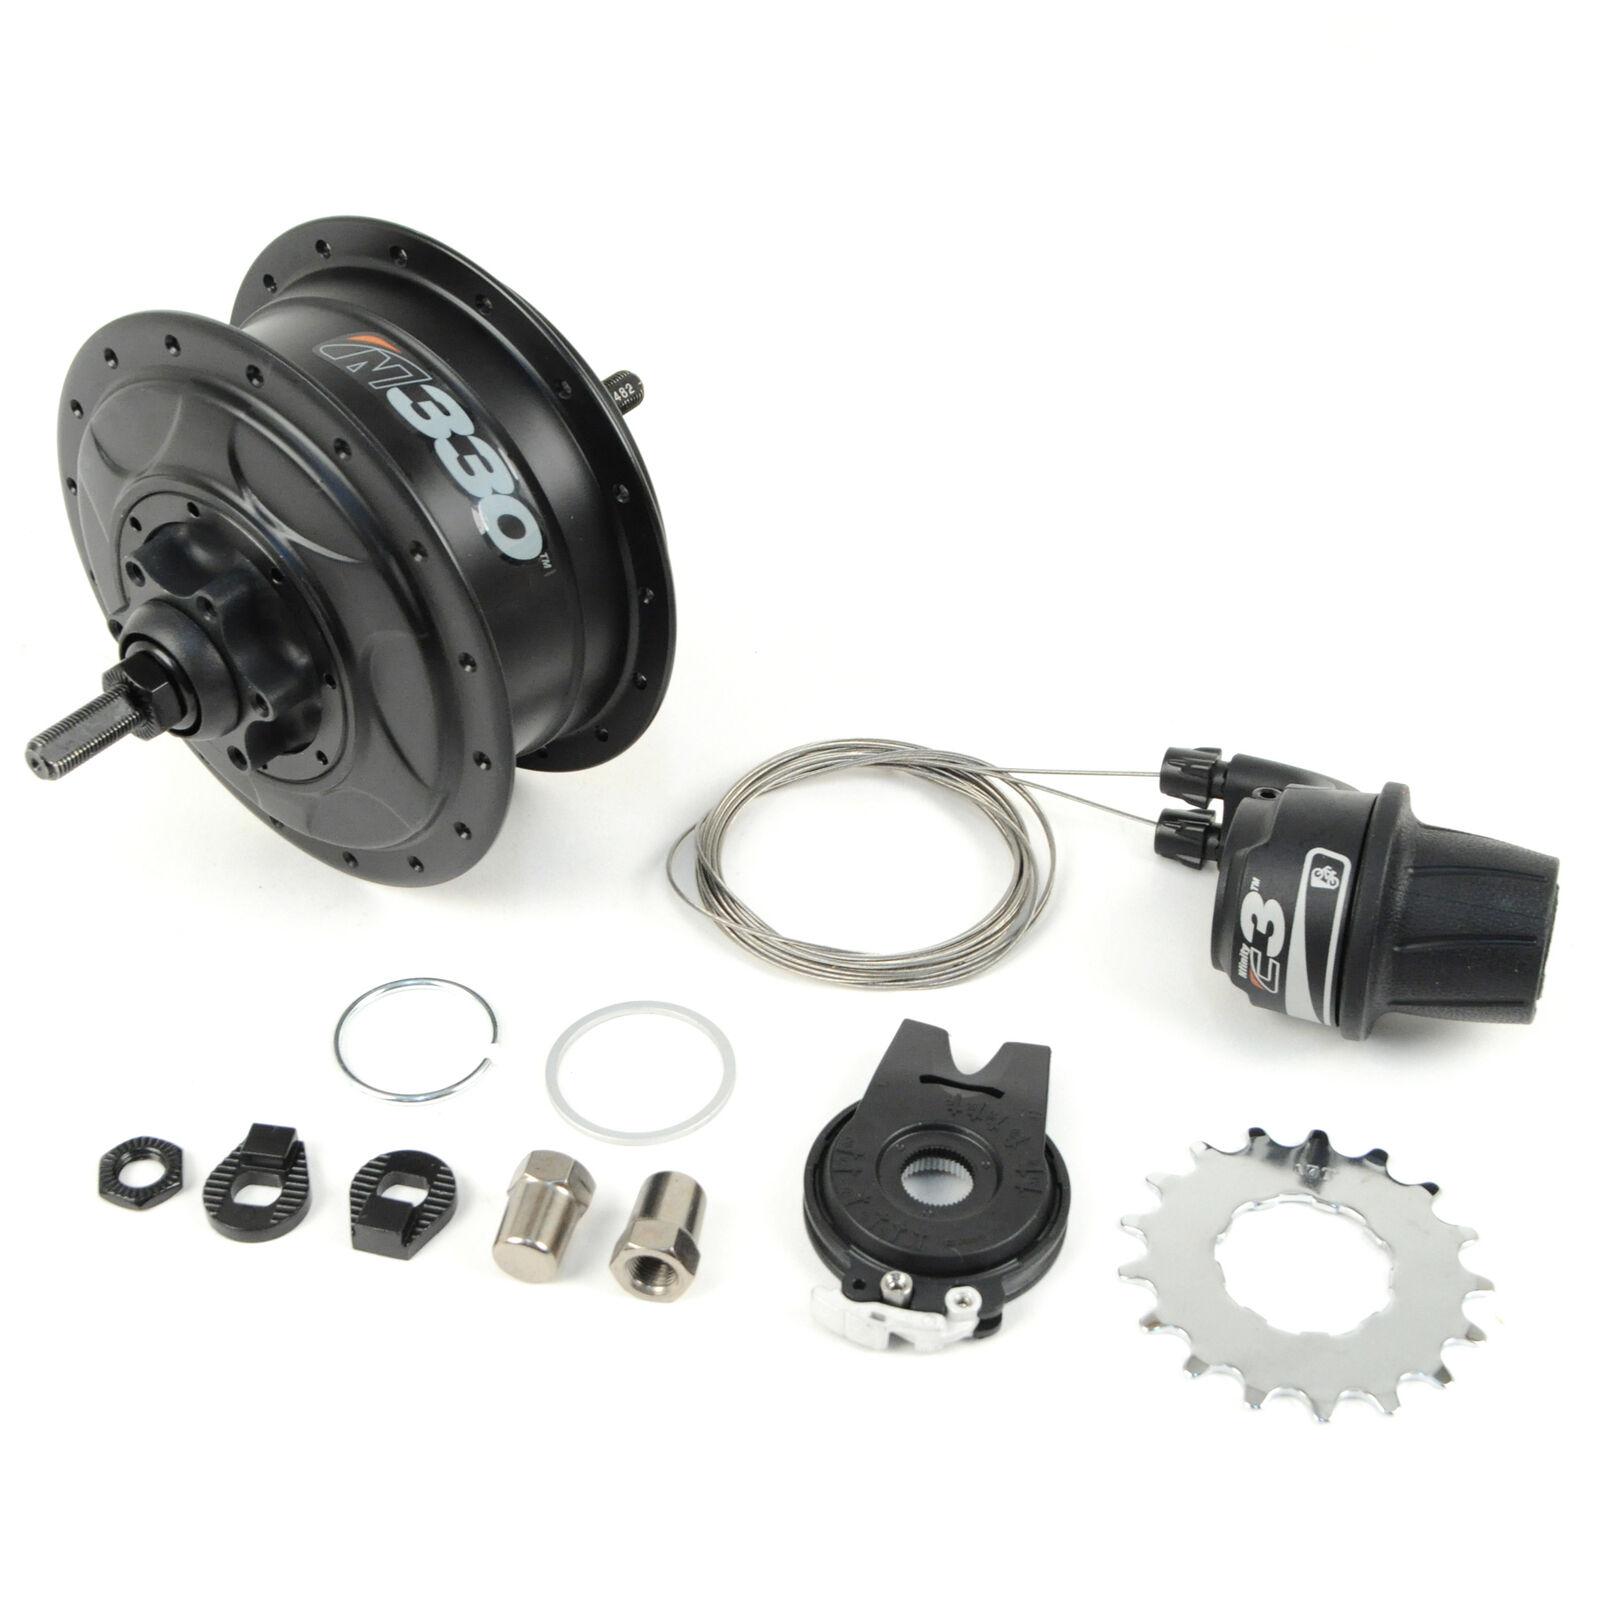 Nuvinci N330 CVP Bicicleta de engranajes internos Buje trasero freno de disco 32h Negro C3